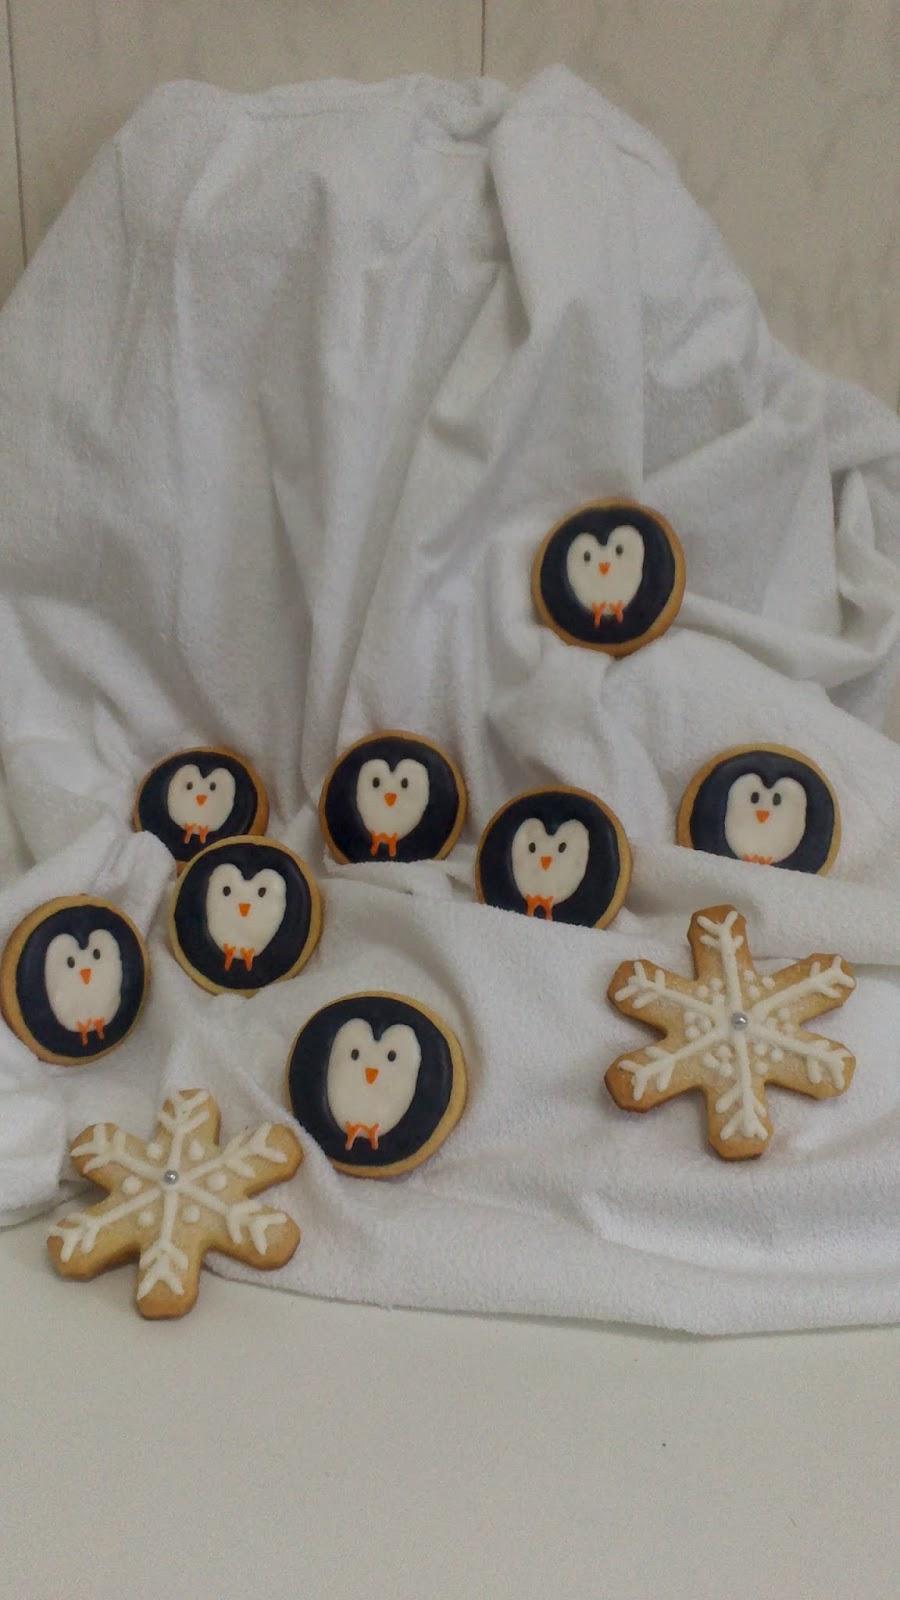 galletas decoradas pingüinos